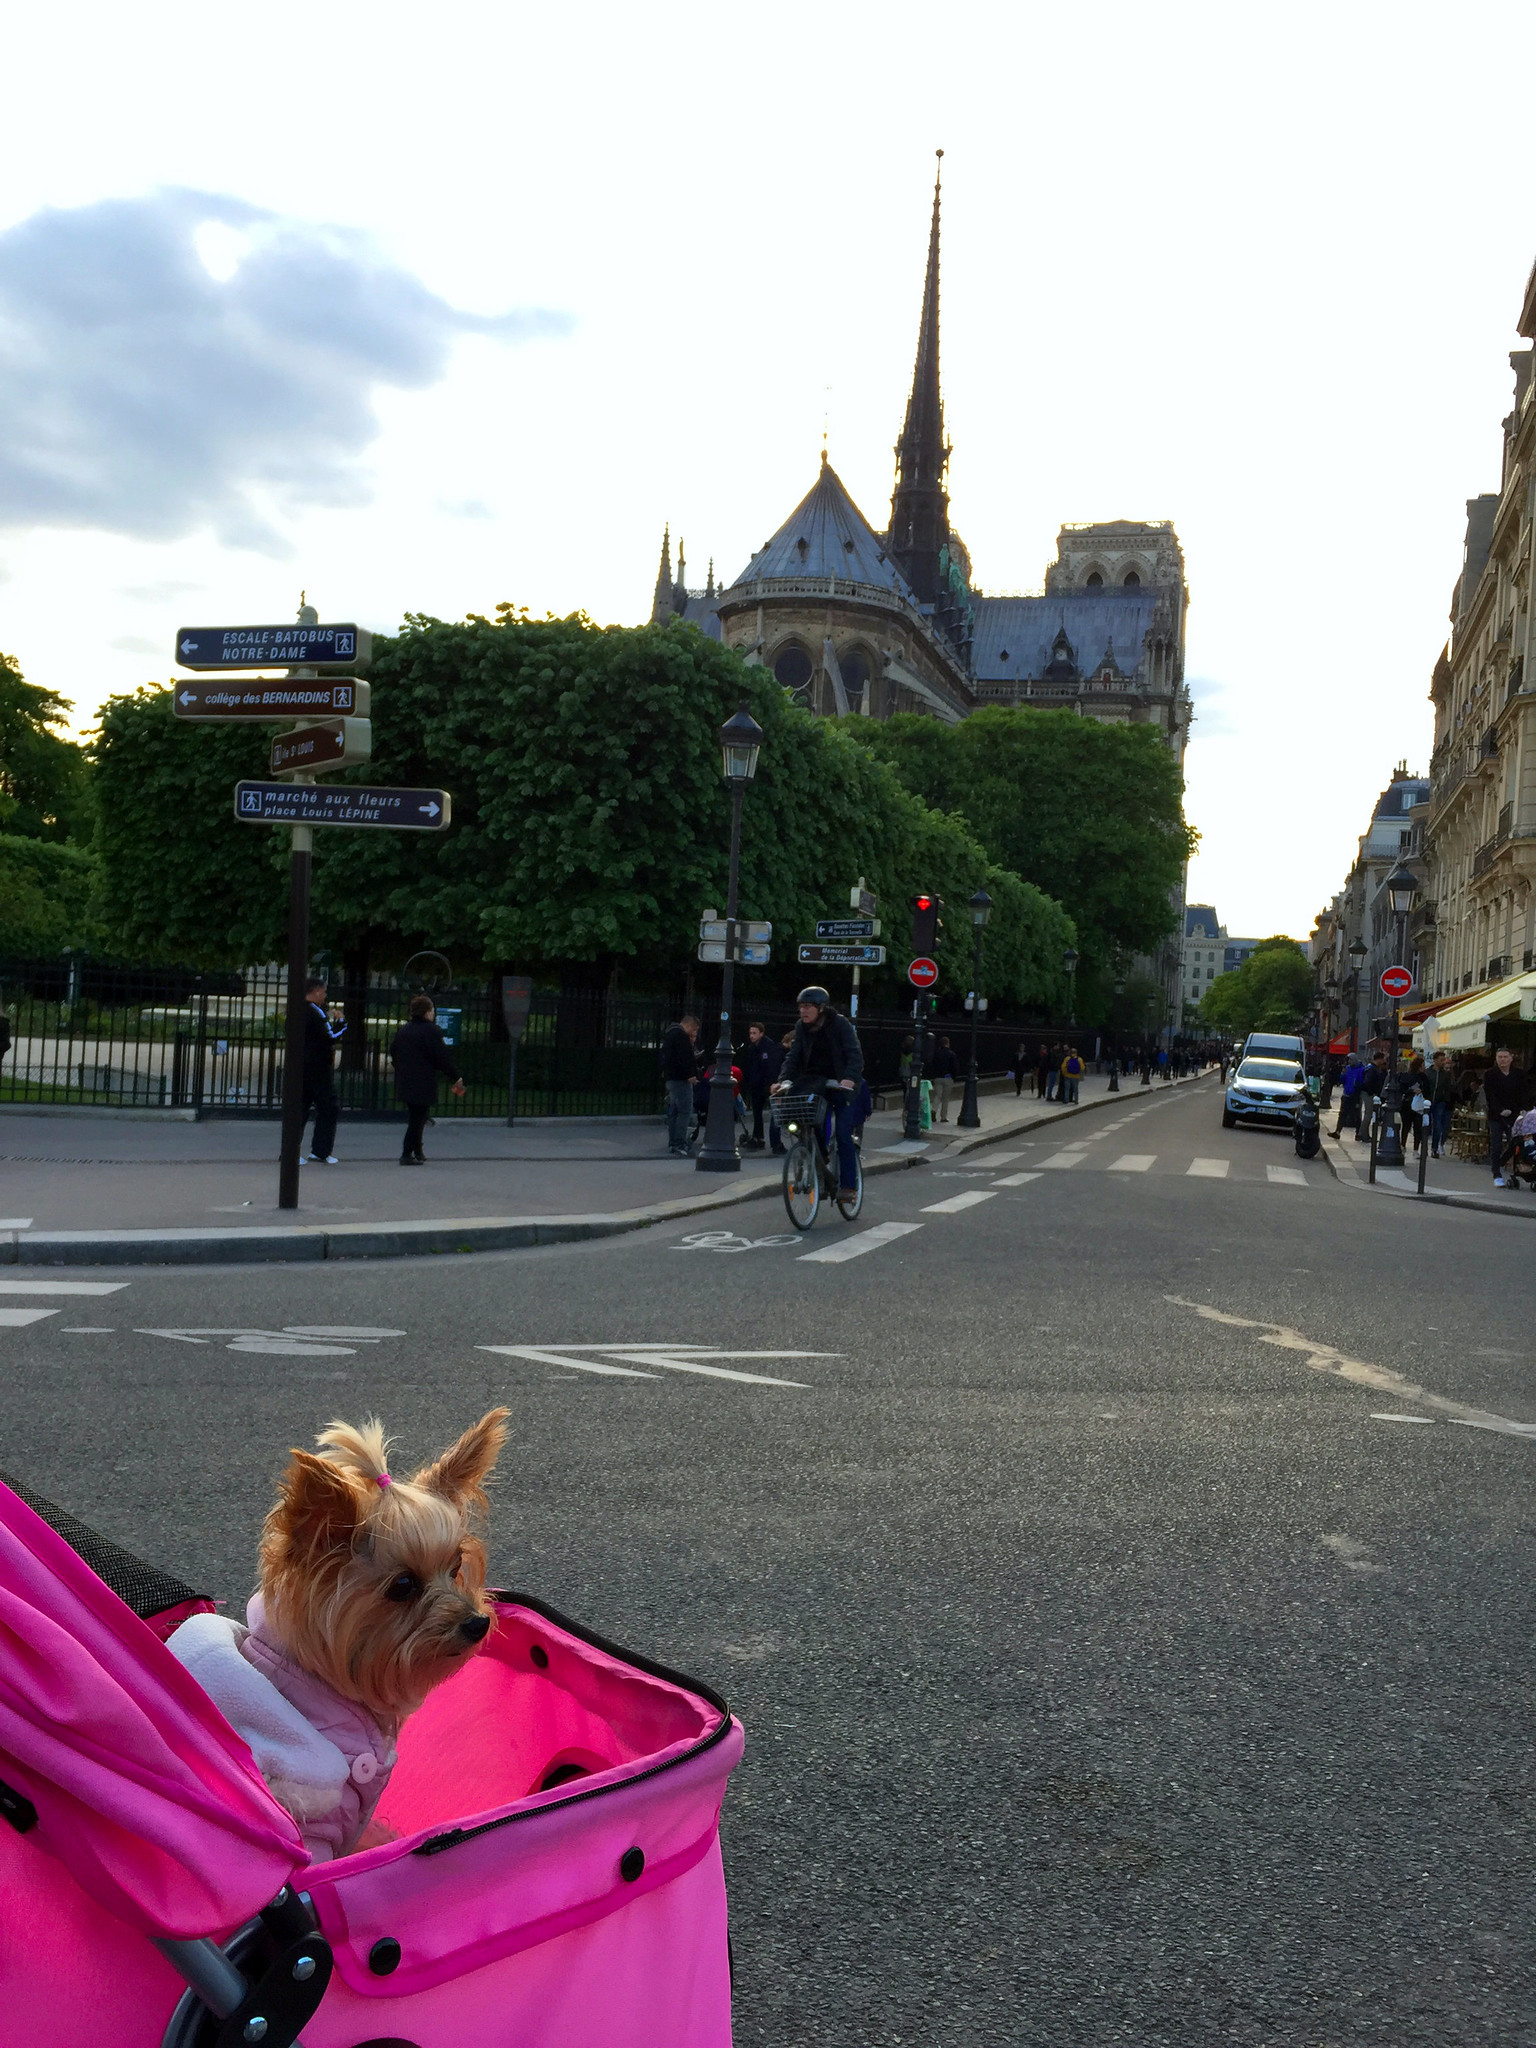 Viajar a Paris con Perro - Travel to Paris with dog viajar a paris con perro - 34601424555 2a54ff0f69 k - Viajar a Paris con perro